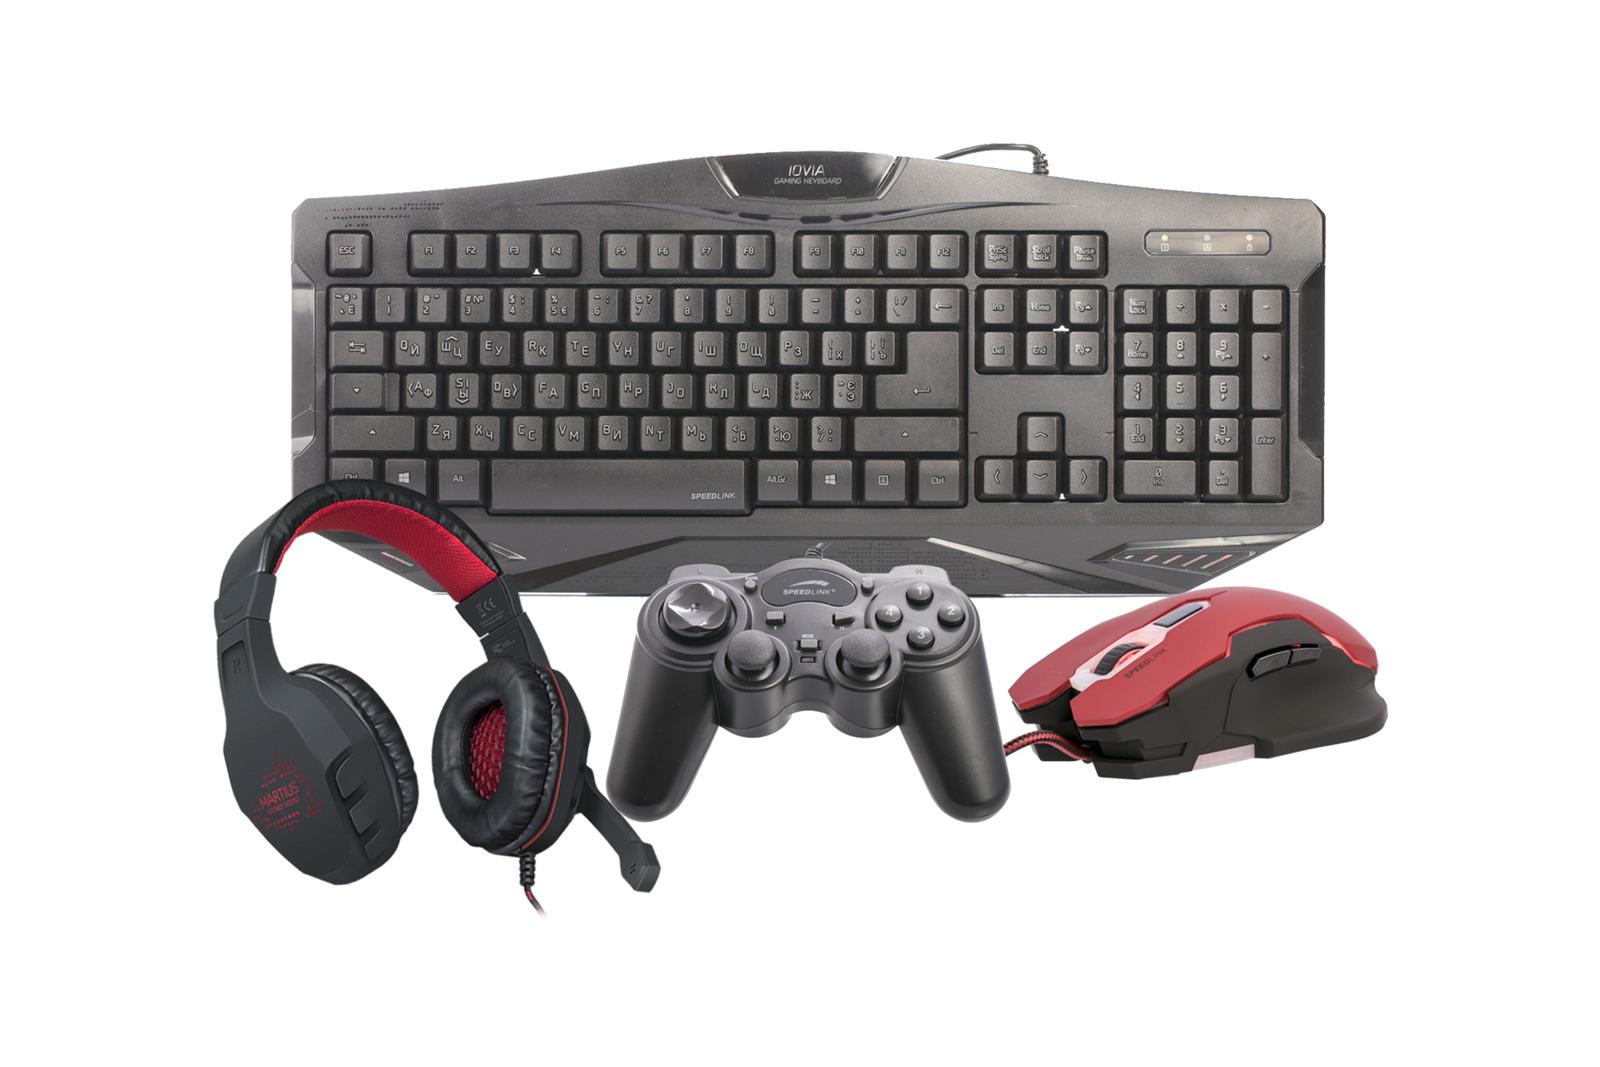 Speedlink Gaming Set Mouse Controller Keyboard Headset Pc